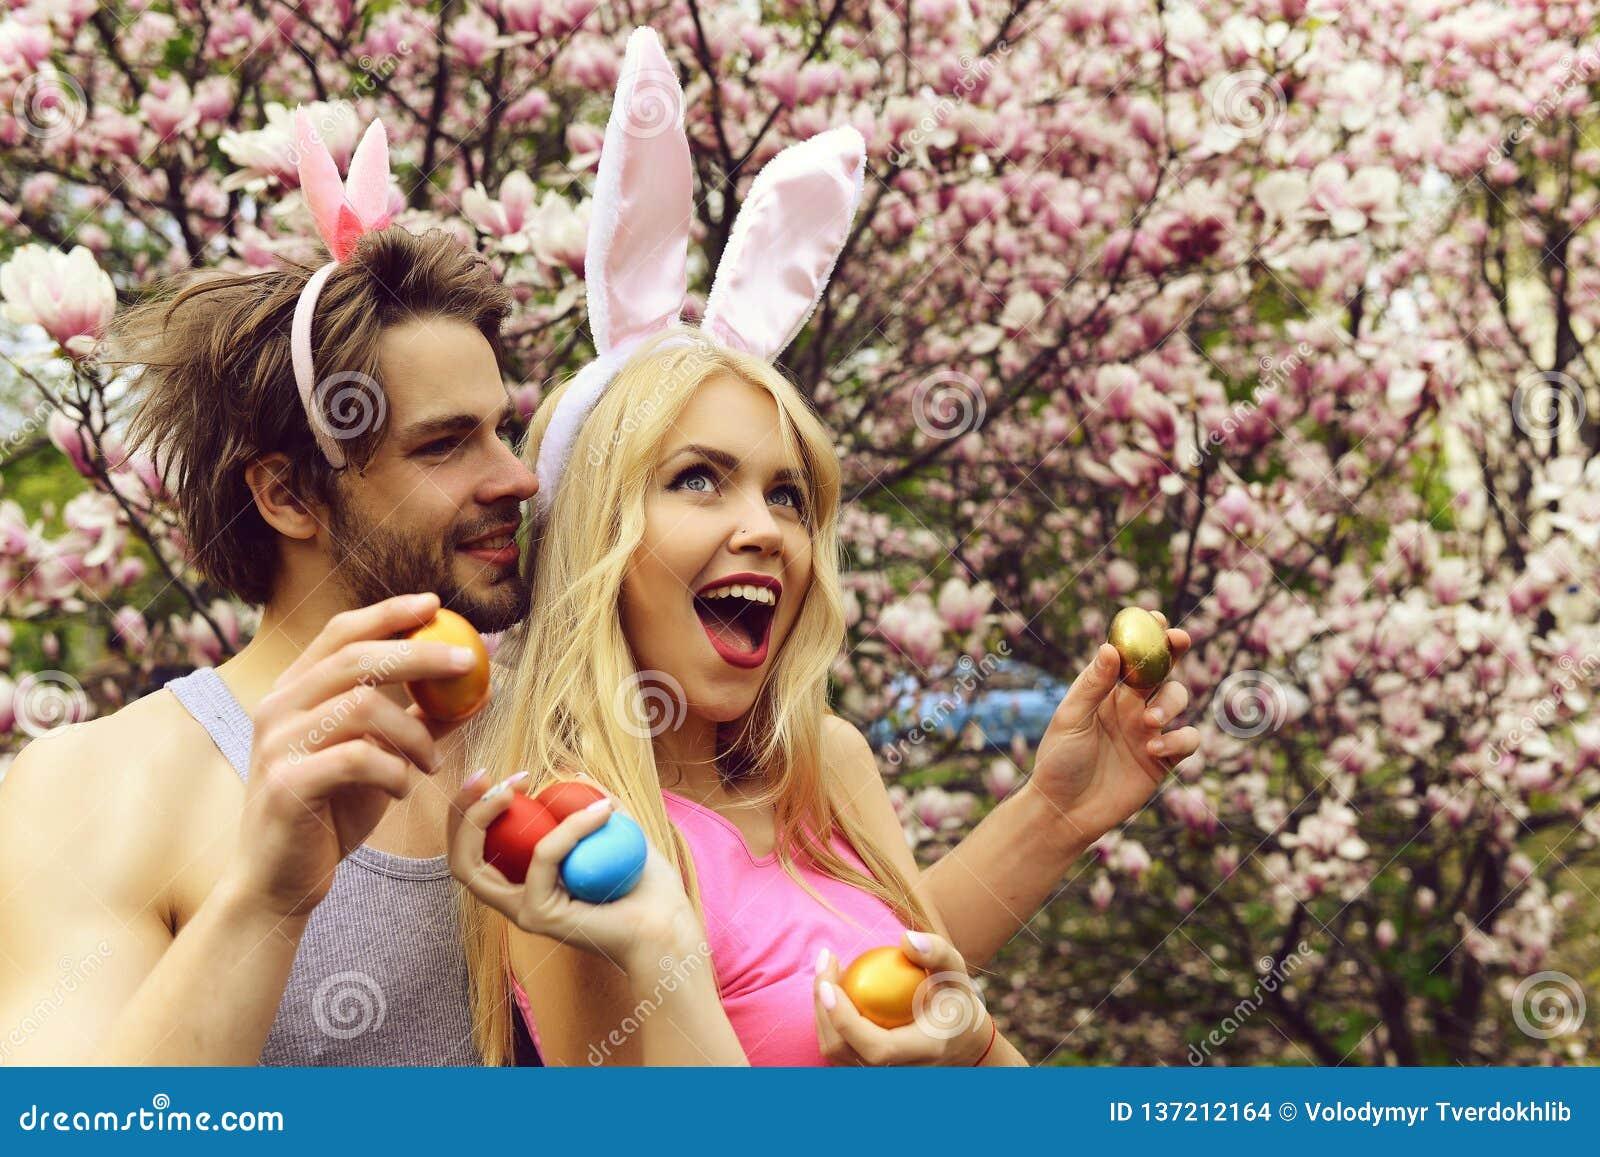 爱上拿着五颜六色的鸡蛋的兔宝宝耳朵的夫妇